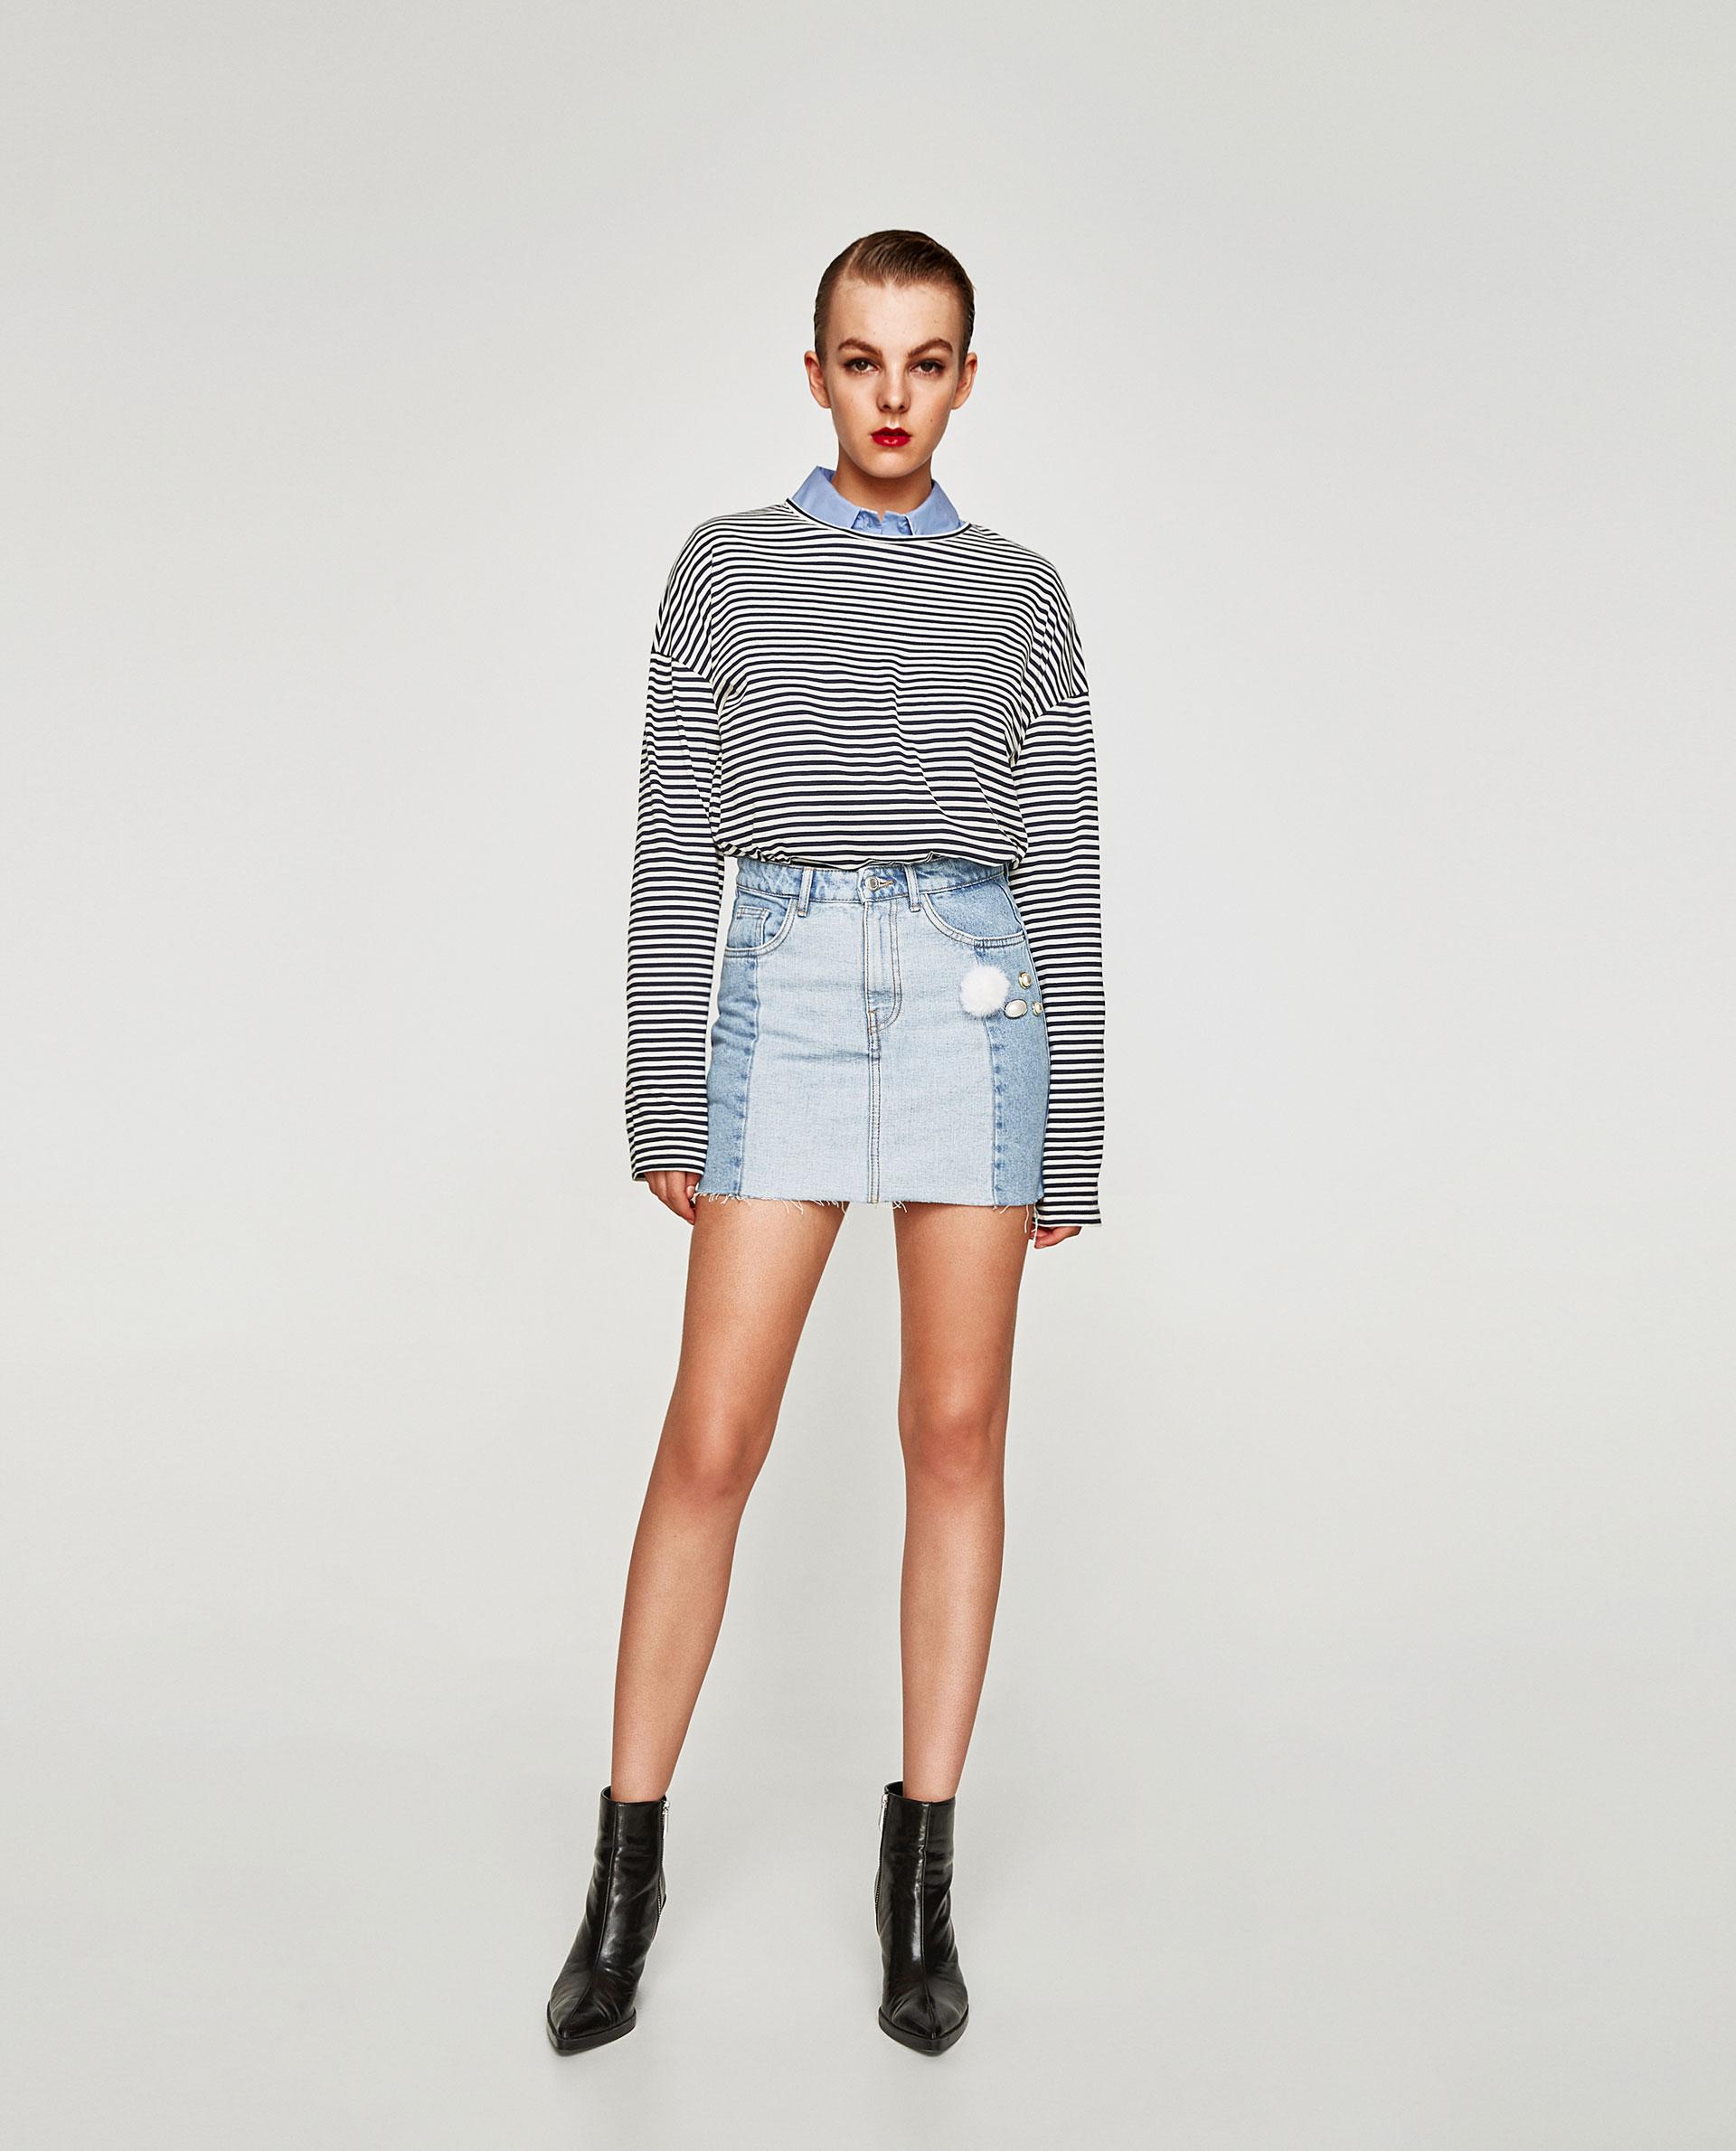 Džínová sukně s denimovou sukní a pruhovaným tričkem 5094a40556